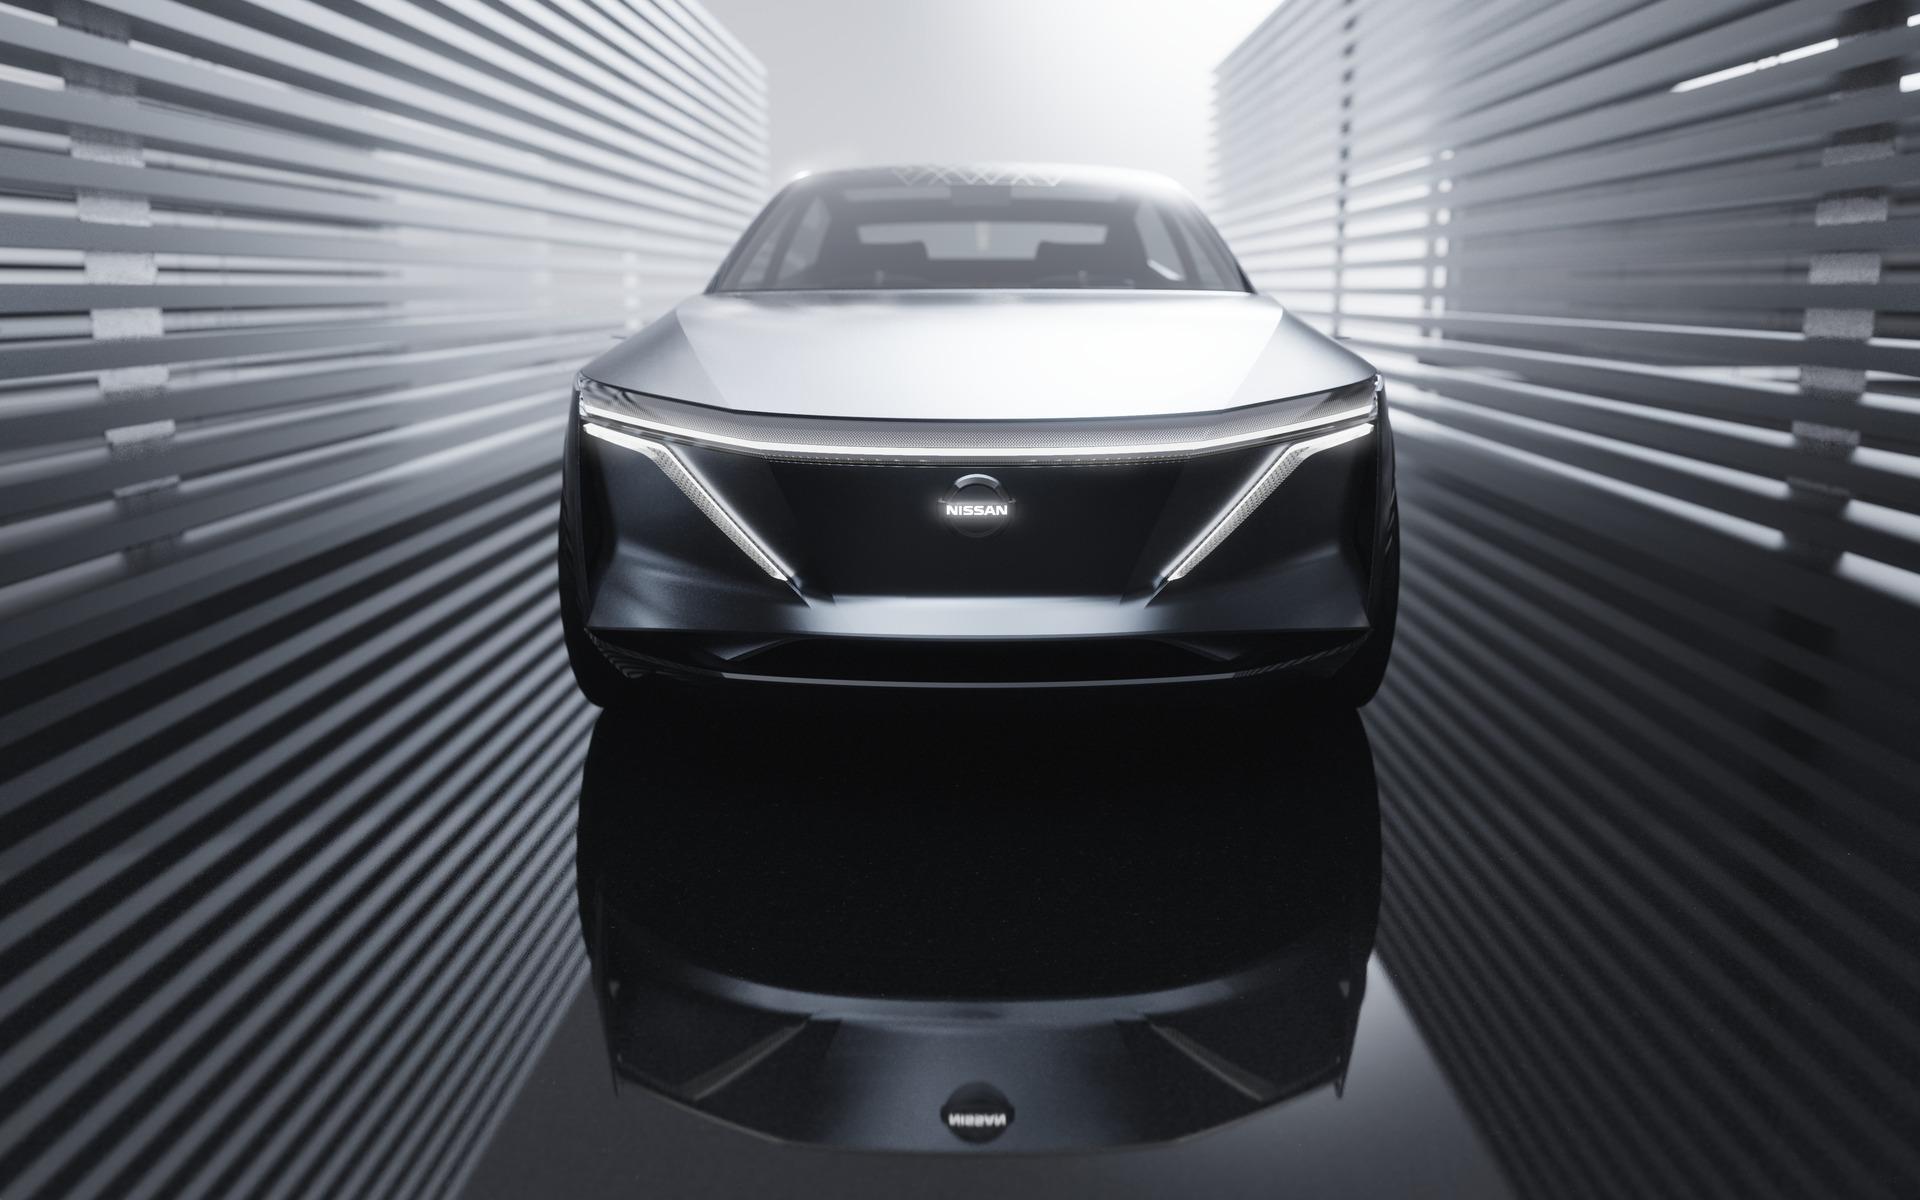 363221_Nissan_IMs_concept_une_berline_electrique_de_483_chevaux_EMBARGO_2019-01-14_10h40